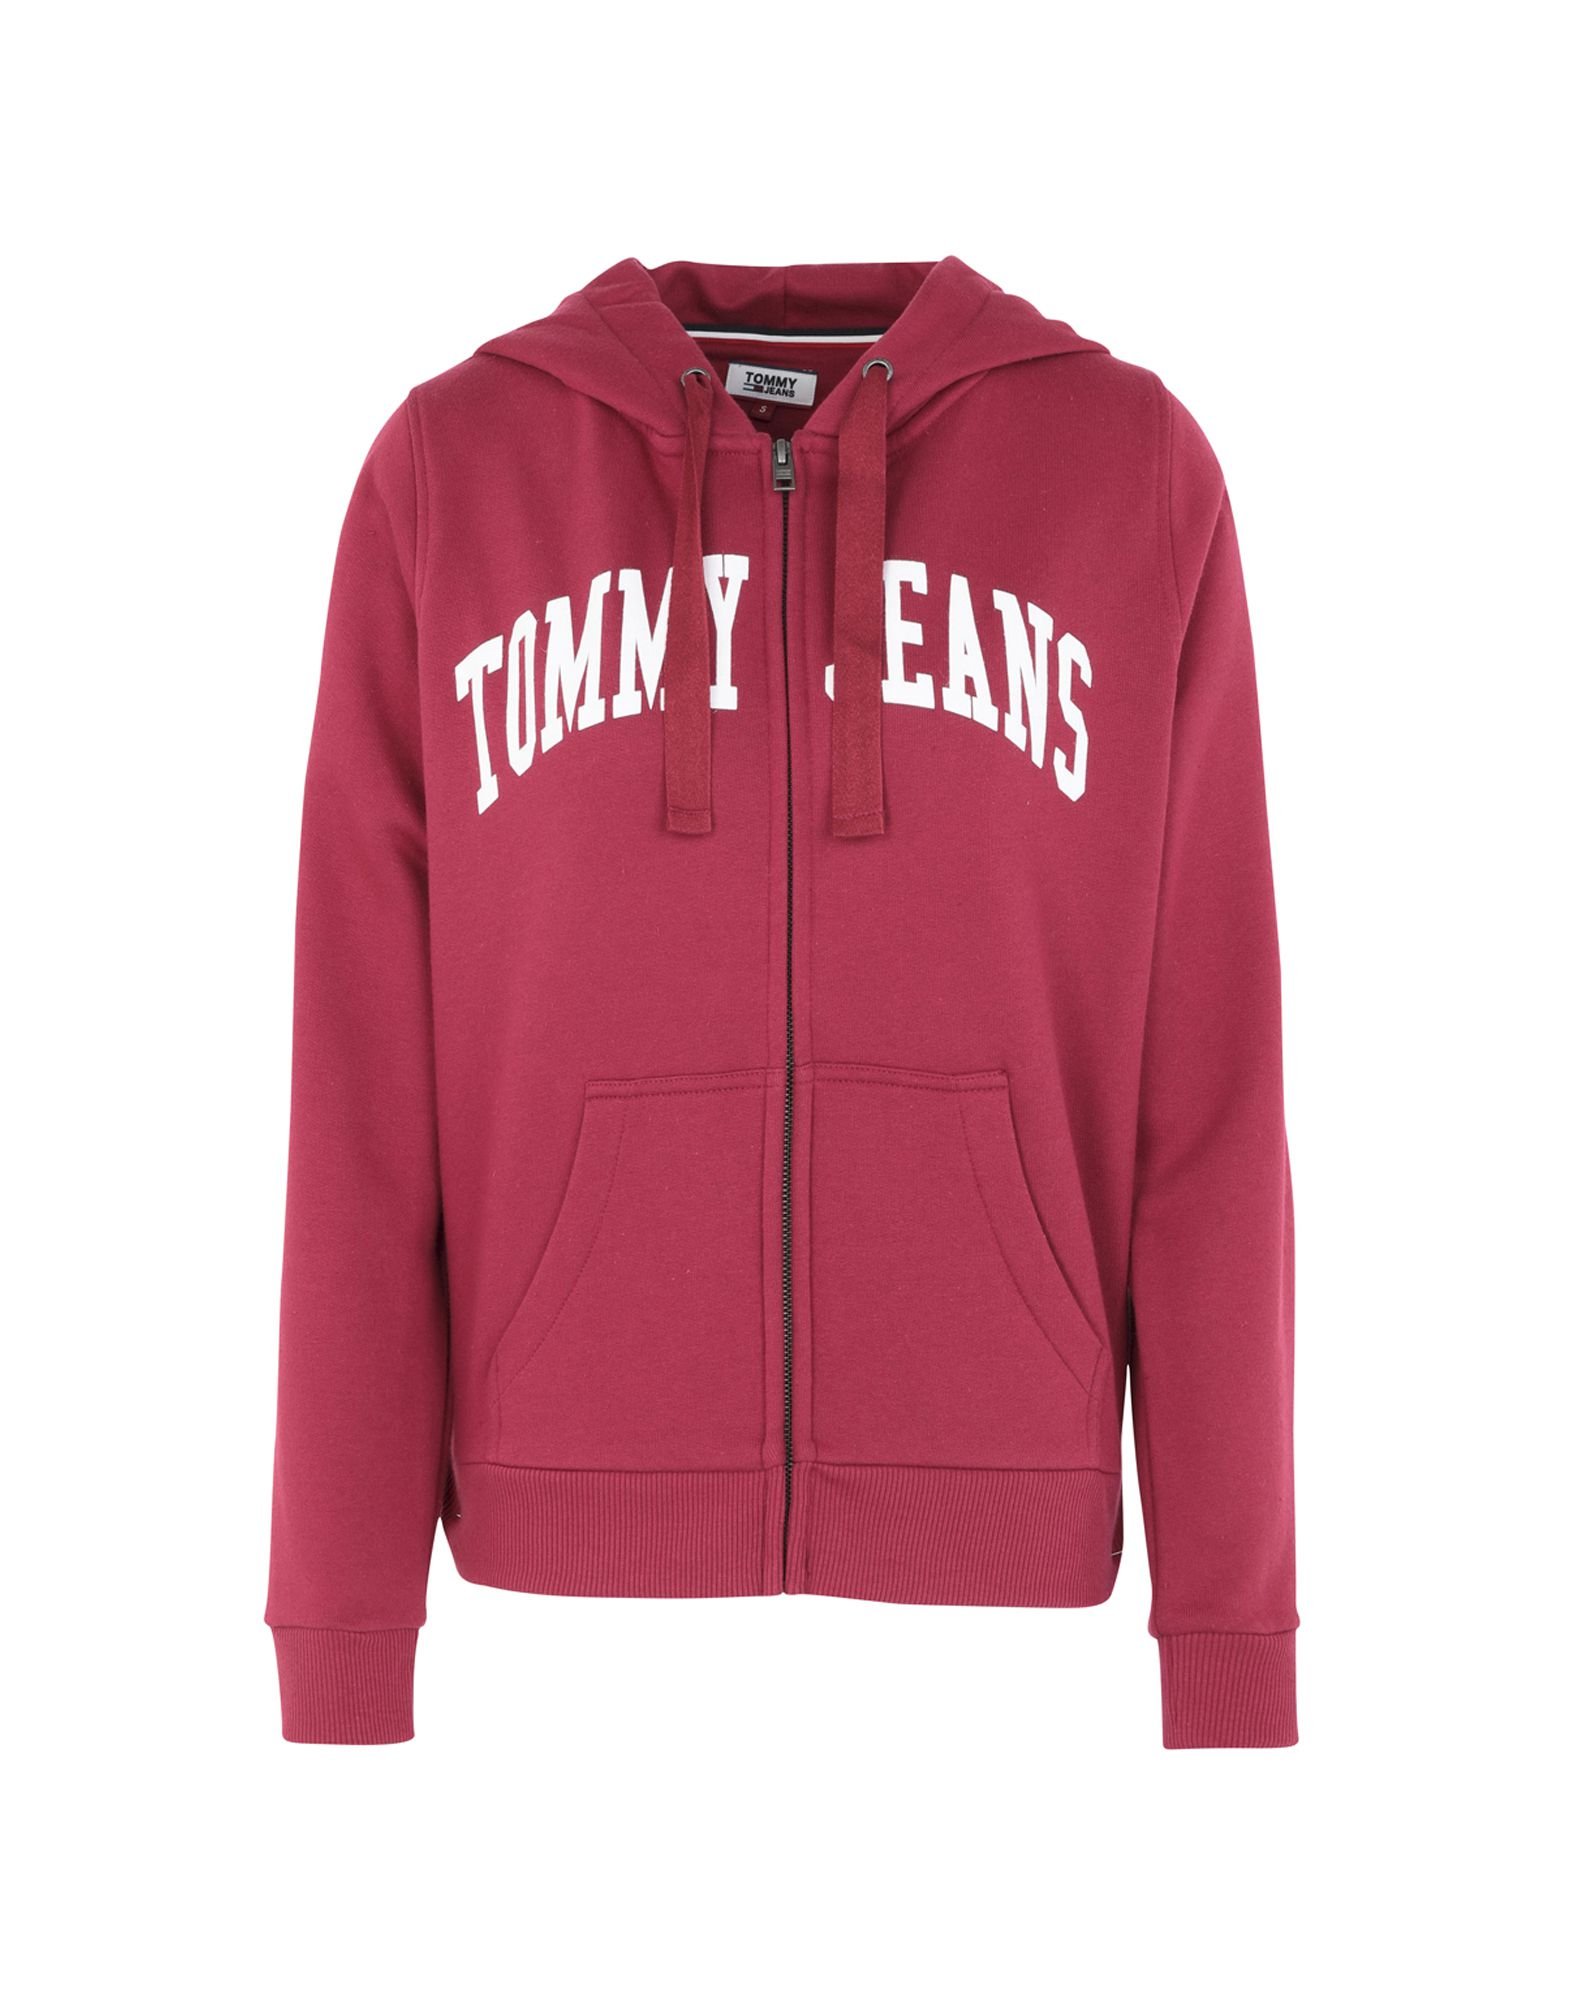 TOMMY JEANS Damen Sweatshirt3